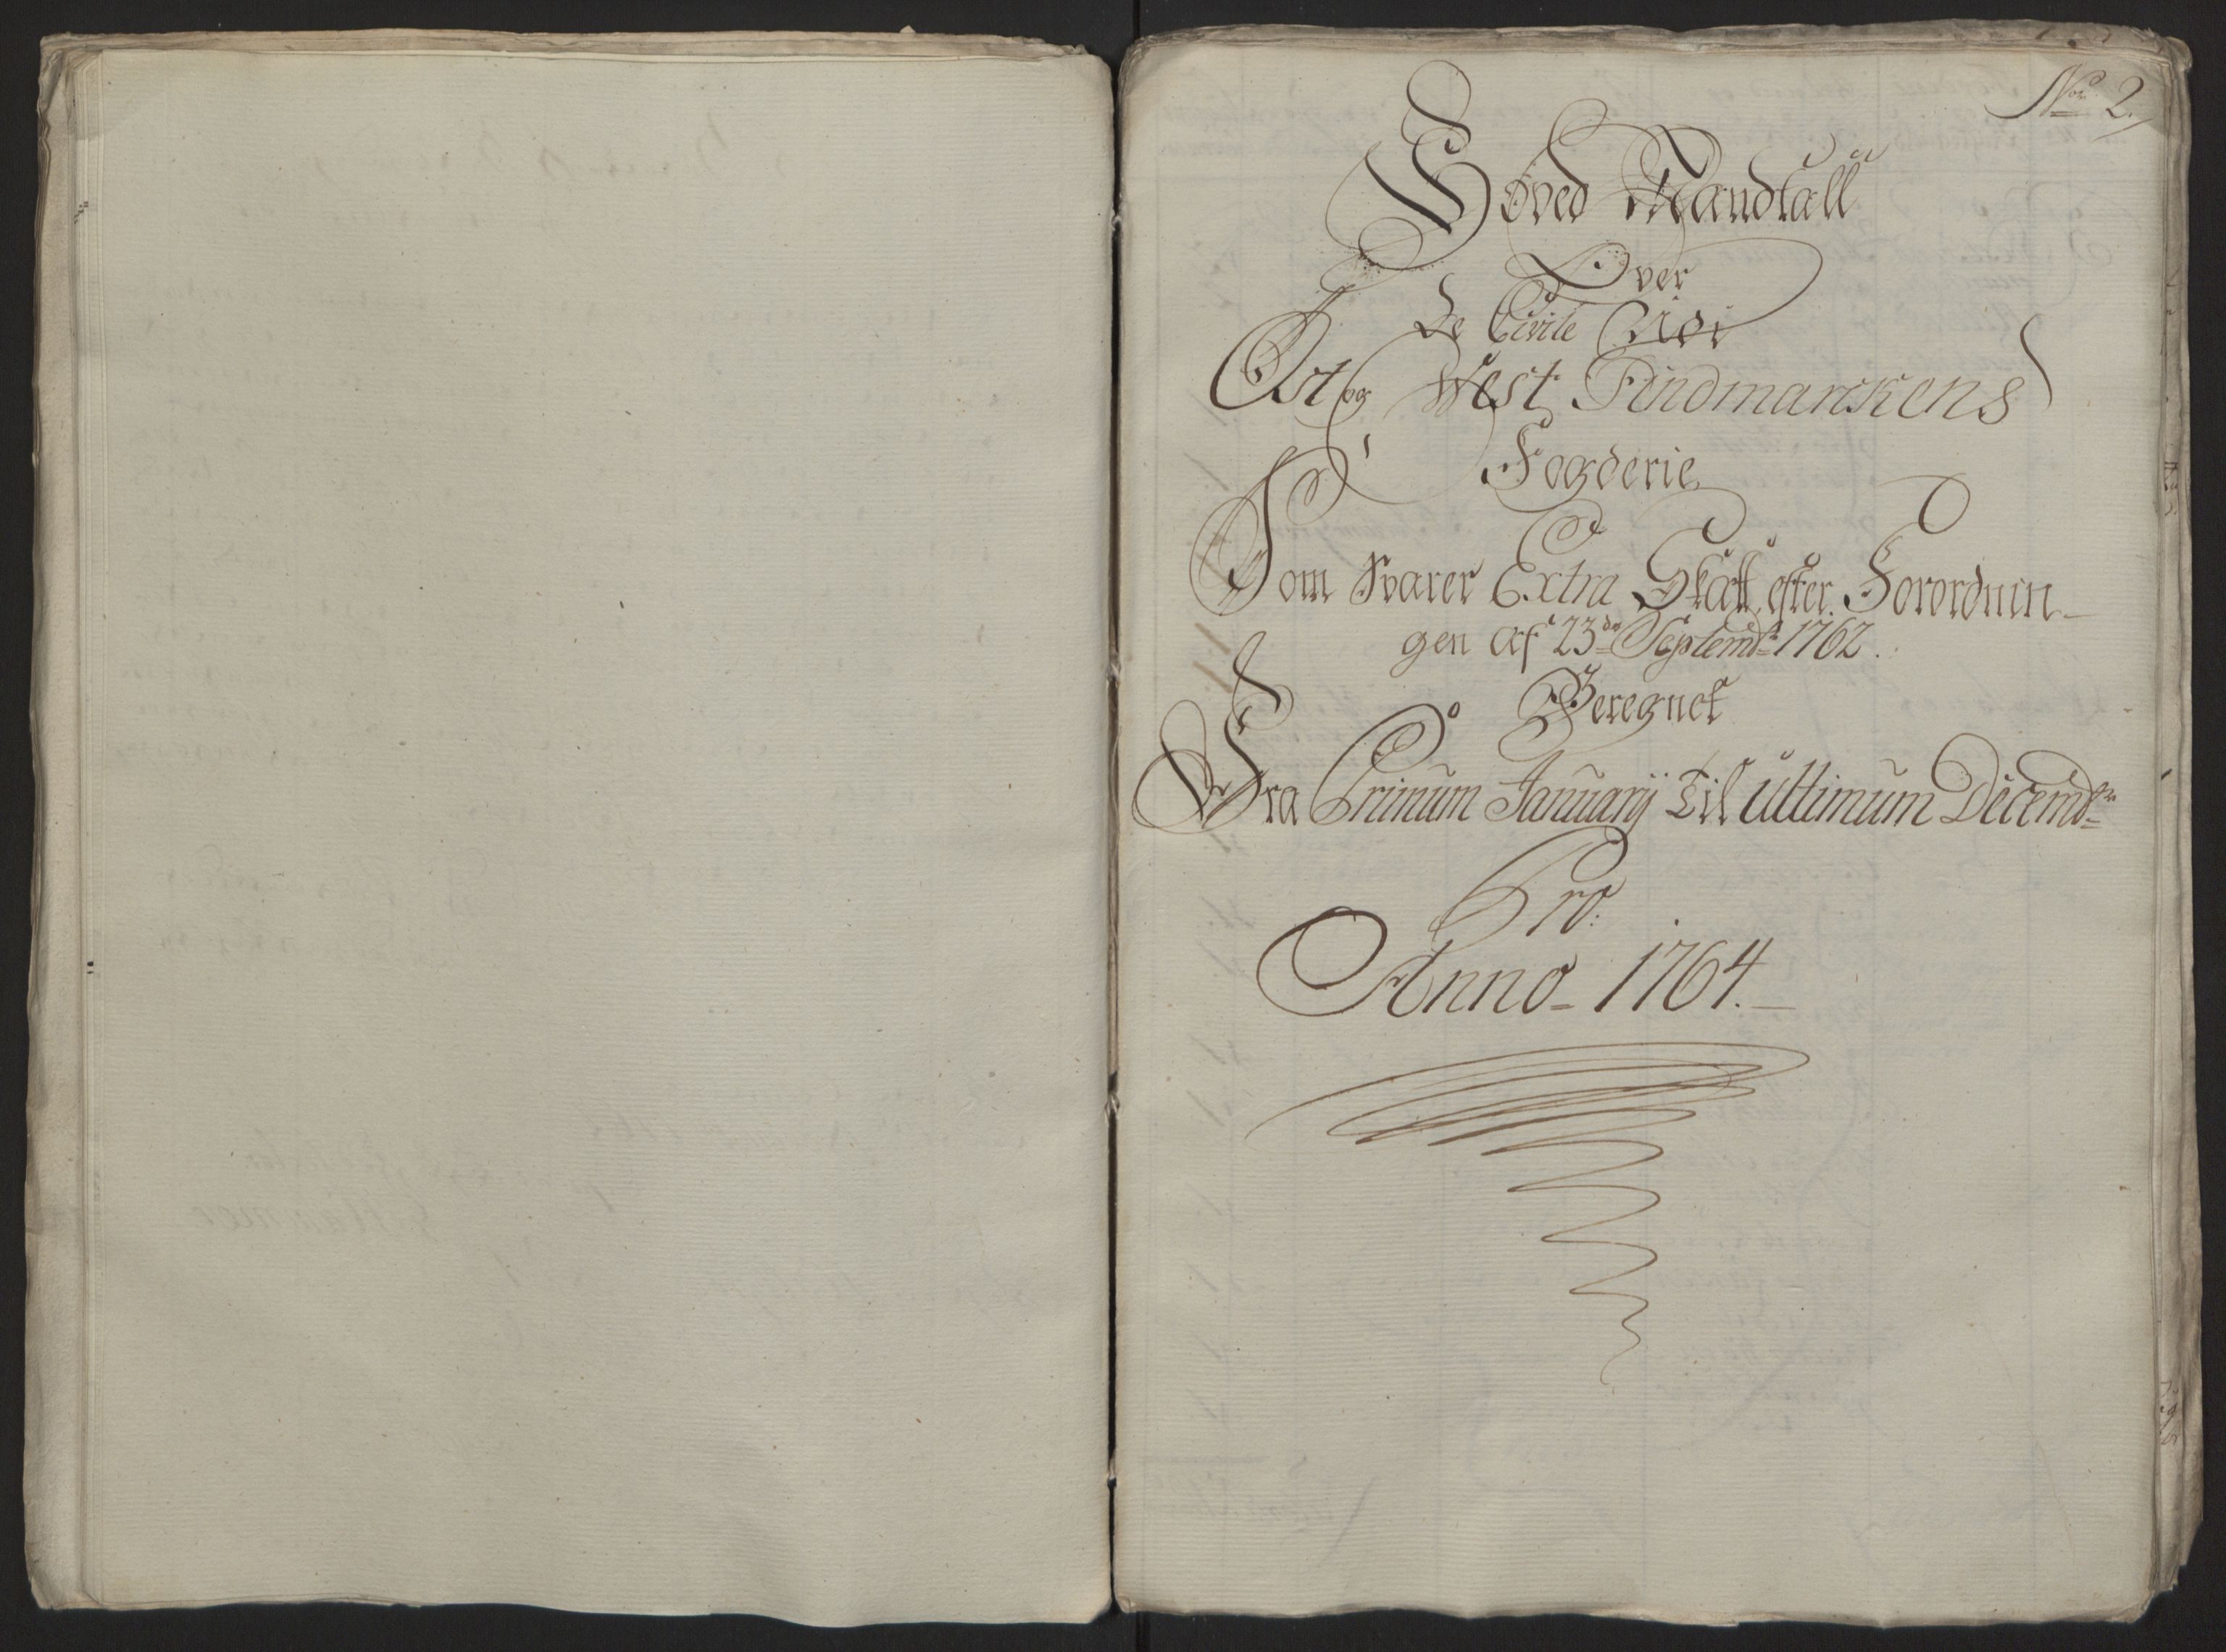 RA, Rentekammeret inntil 1814, Reviderte regnskaper, Fogderegnskap, R69/L4910: Ekstraskatten  Finnmark/Vardøhus, 1762-1772, s. 100